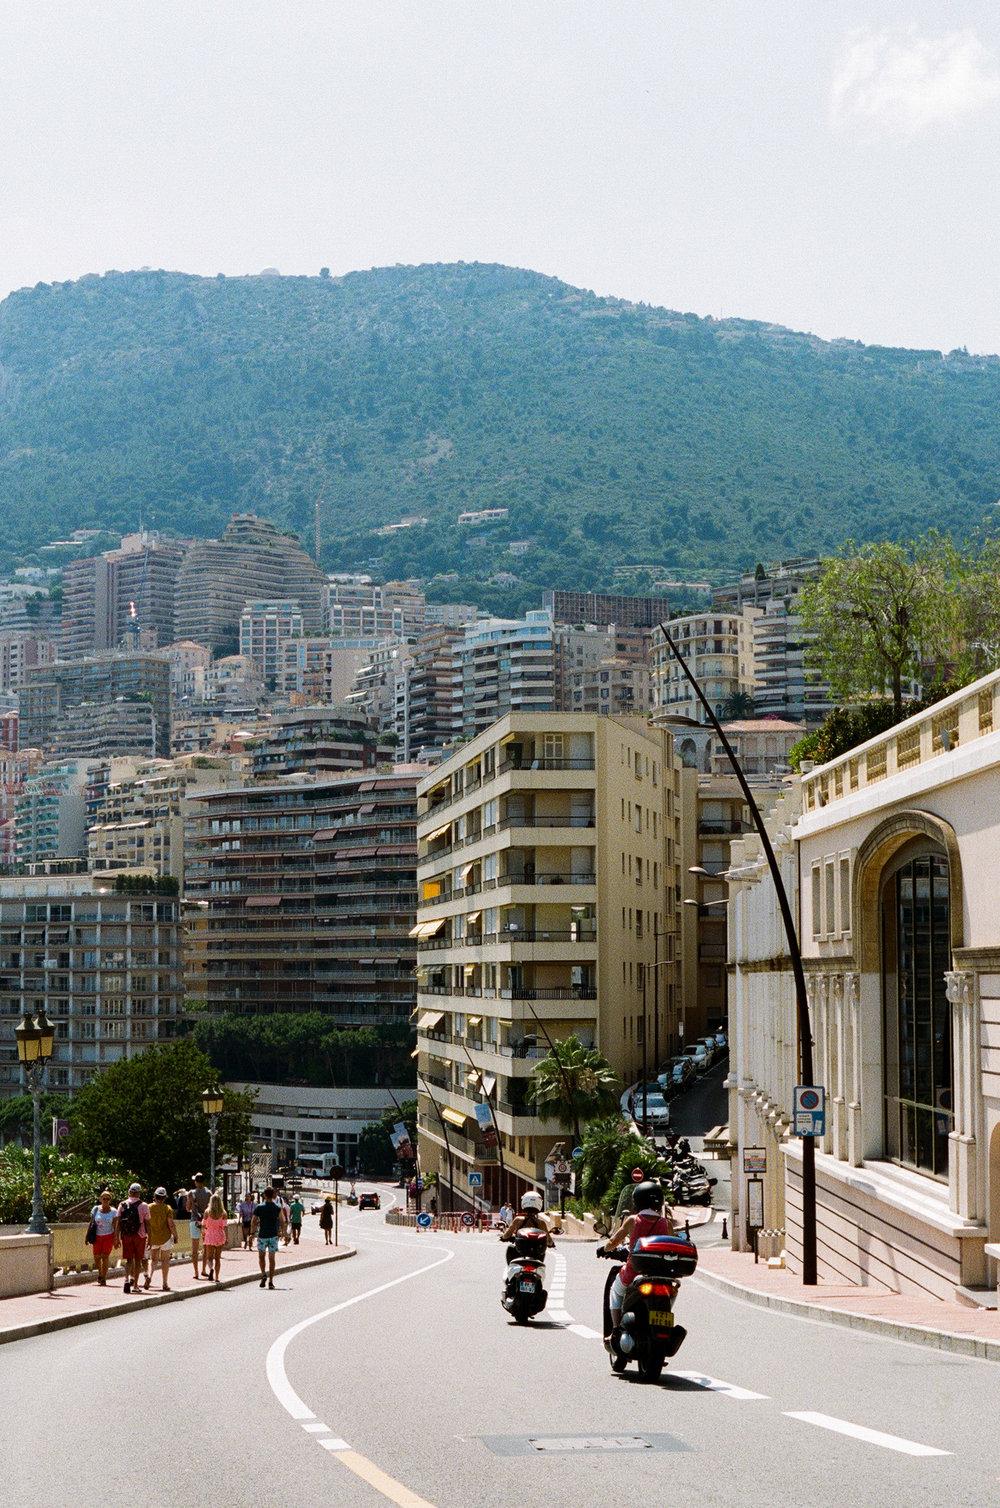 Beau Rivage. Monaco. 2018.